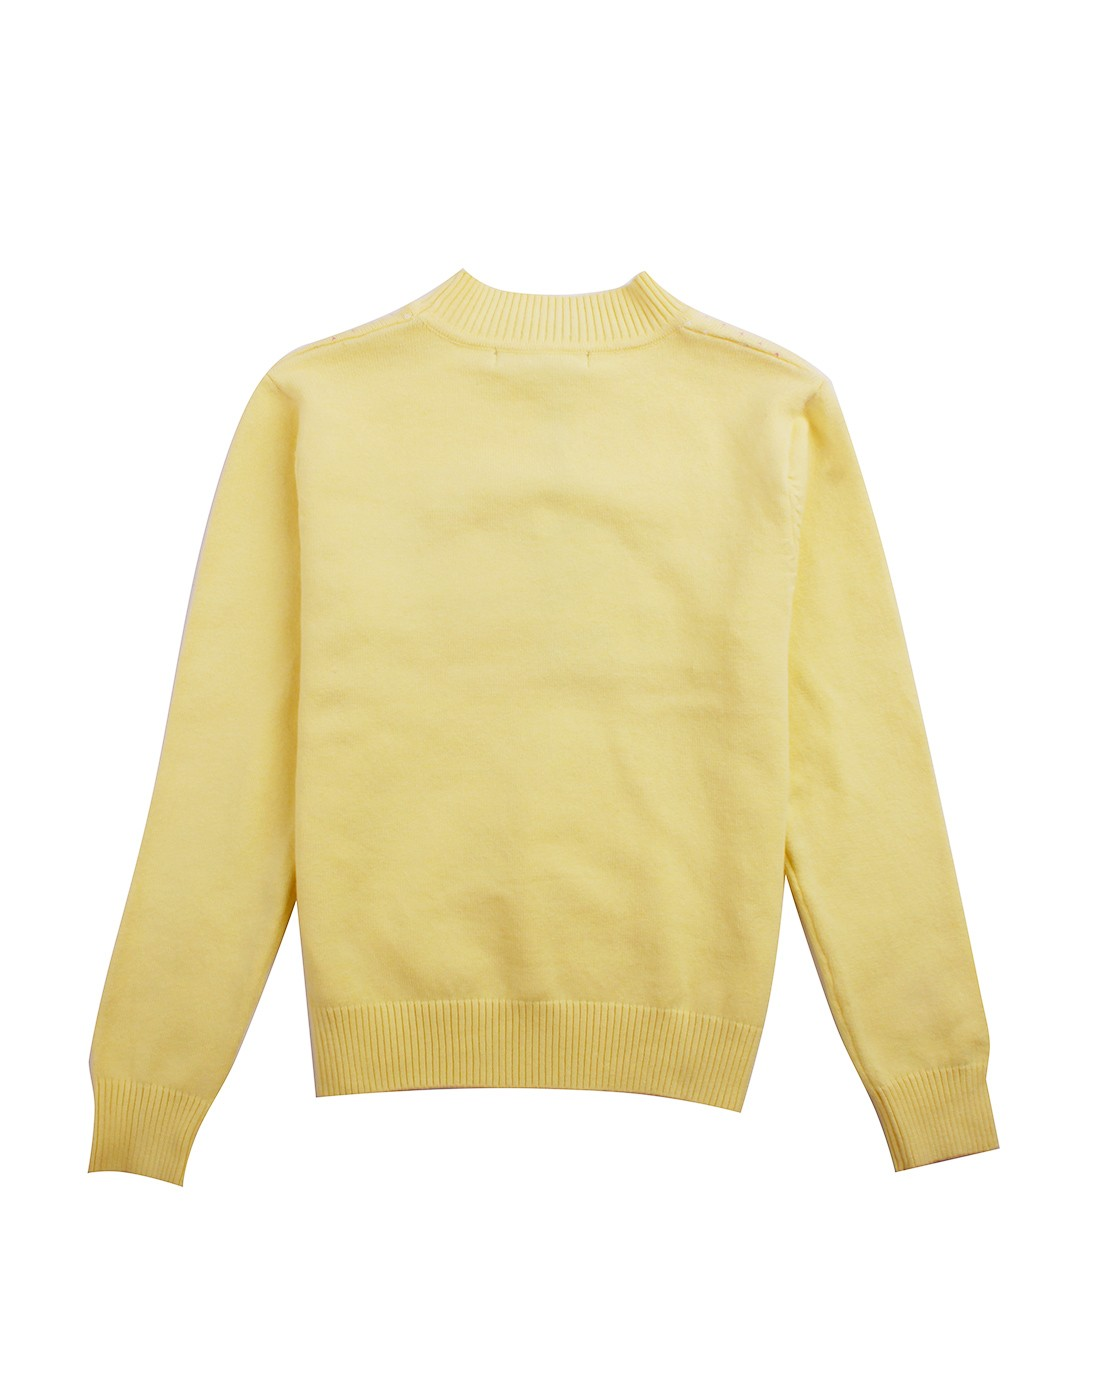 女童淡黄色条纹圆领针织衫